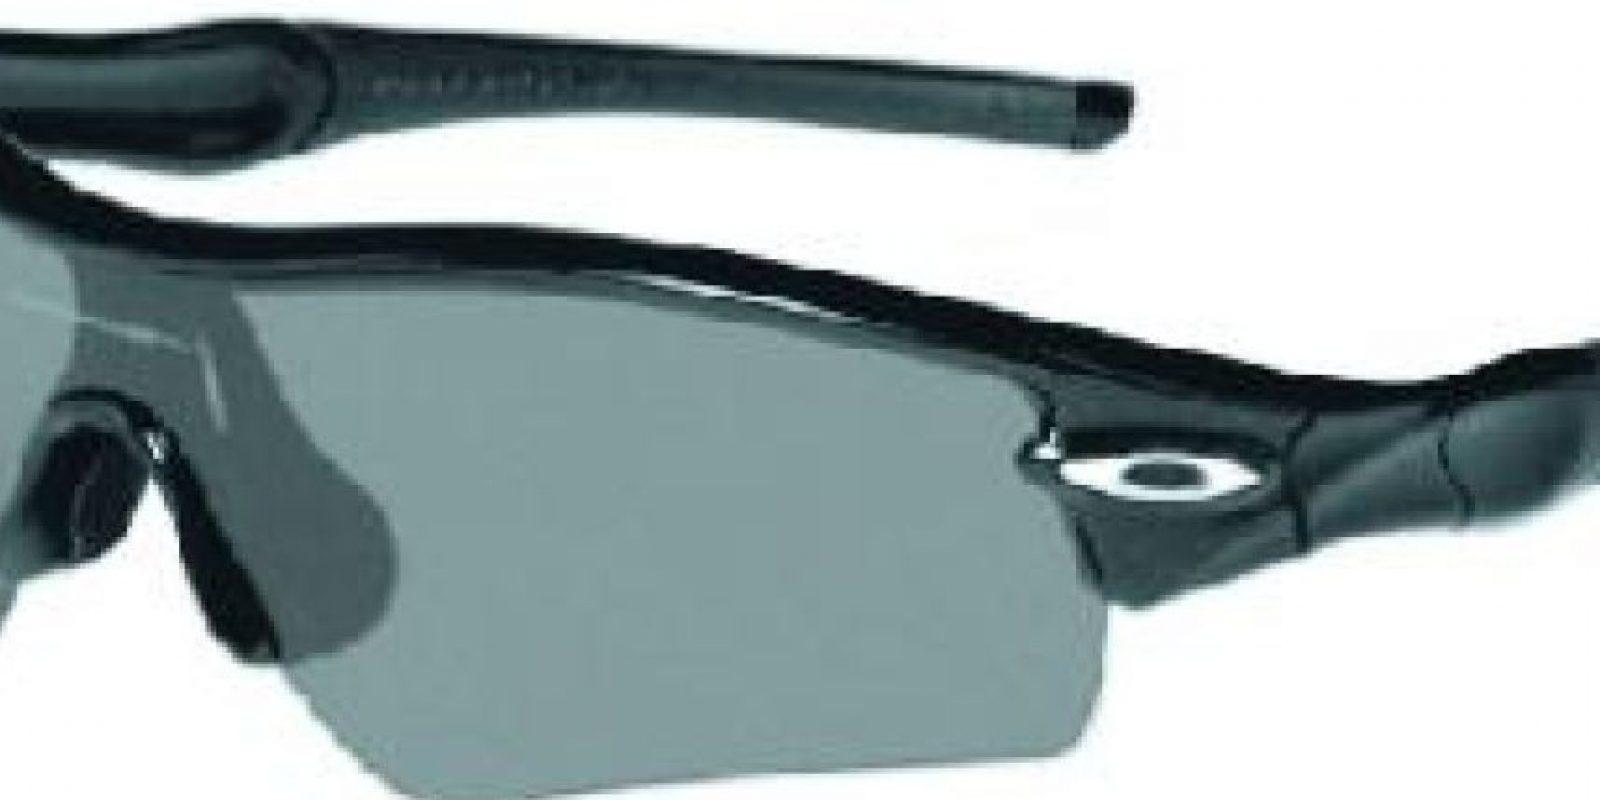 Gafas. Los lentes de sol quizás son el complemento más importante en tu look. Pero lo más importante es el grado de protección que le da a tu vista. Un par de gafas de sol es el accesorio esencial porque no solo van a proteger tus ojos del resplandor del sol, sino que son la ayuda perfecta para ocultar la resaca. Foto:Fuente externa